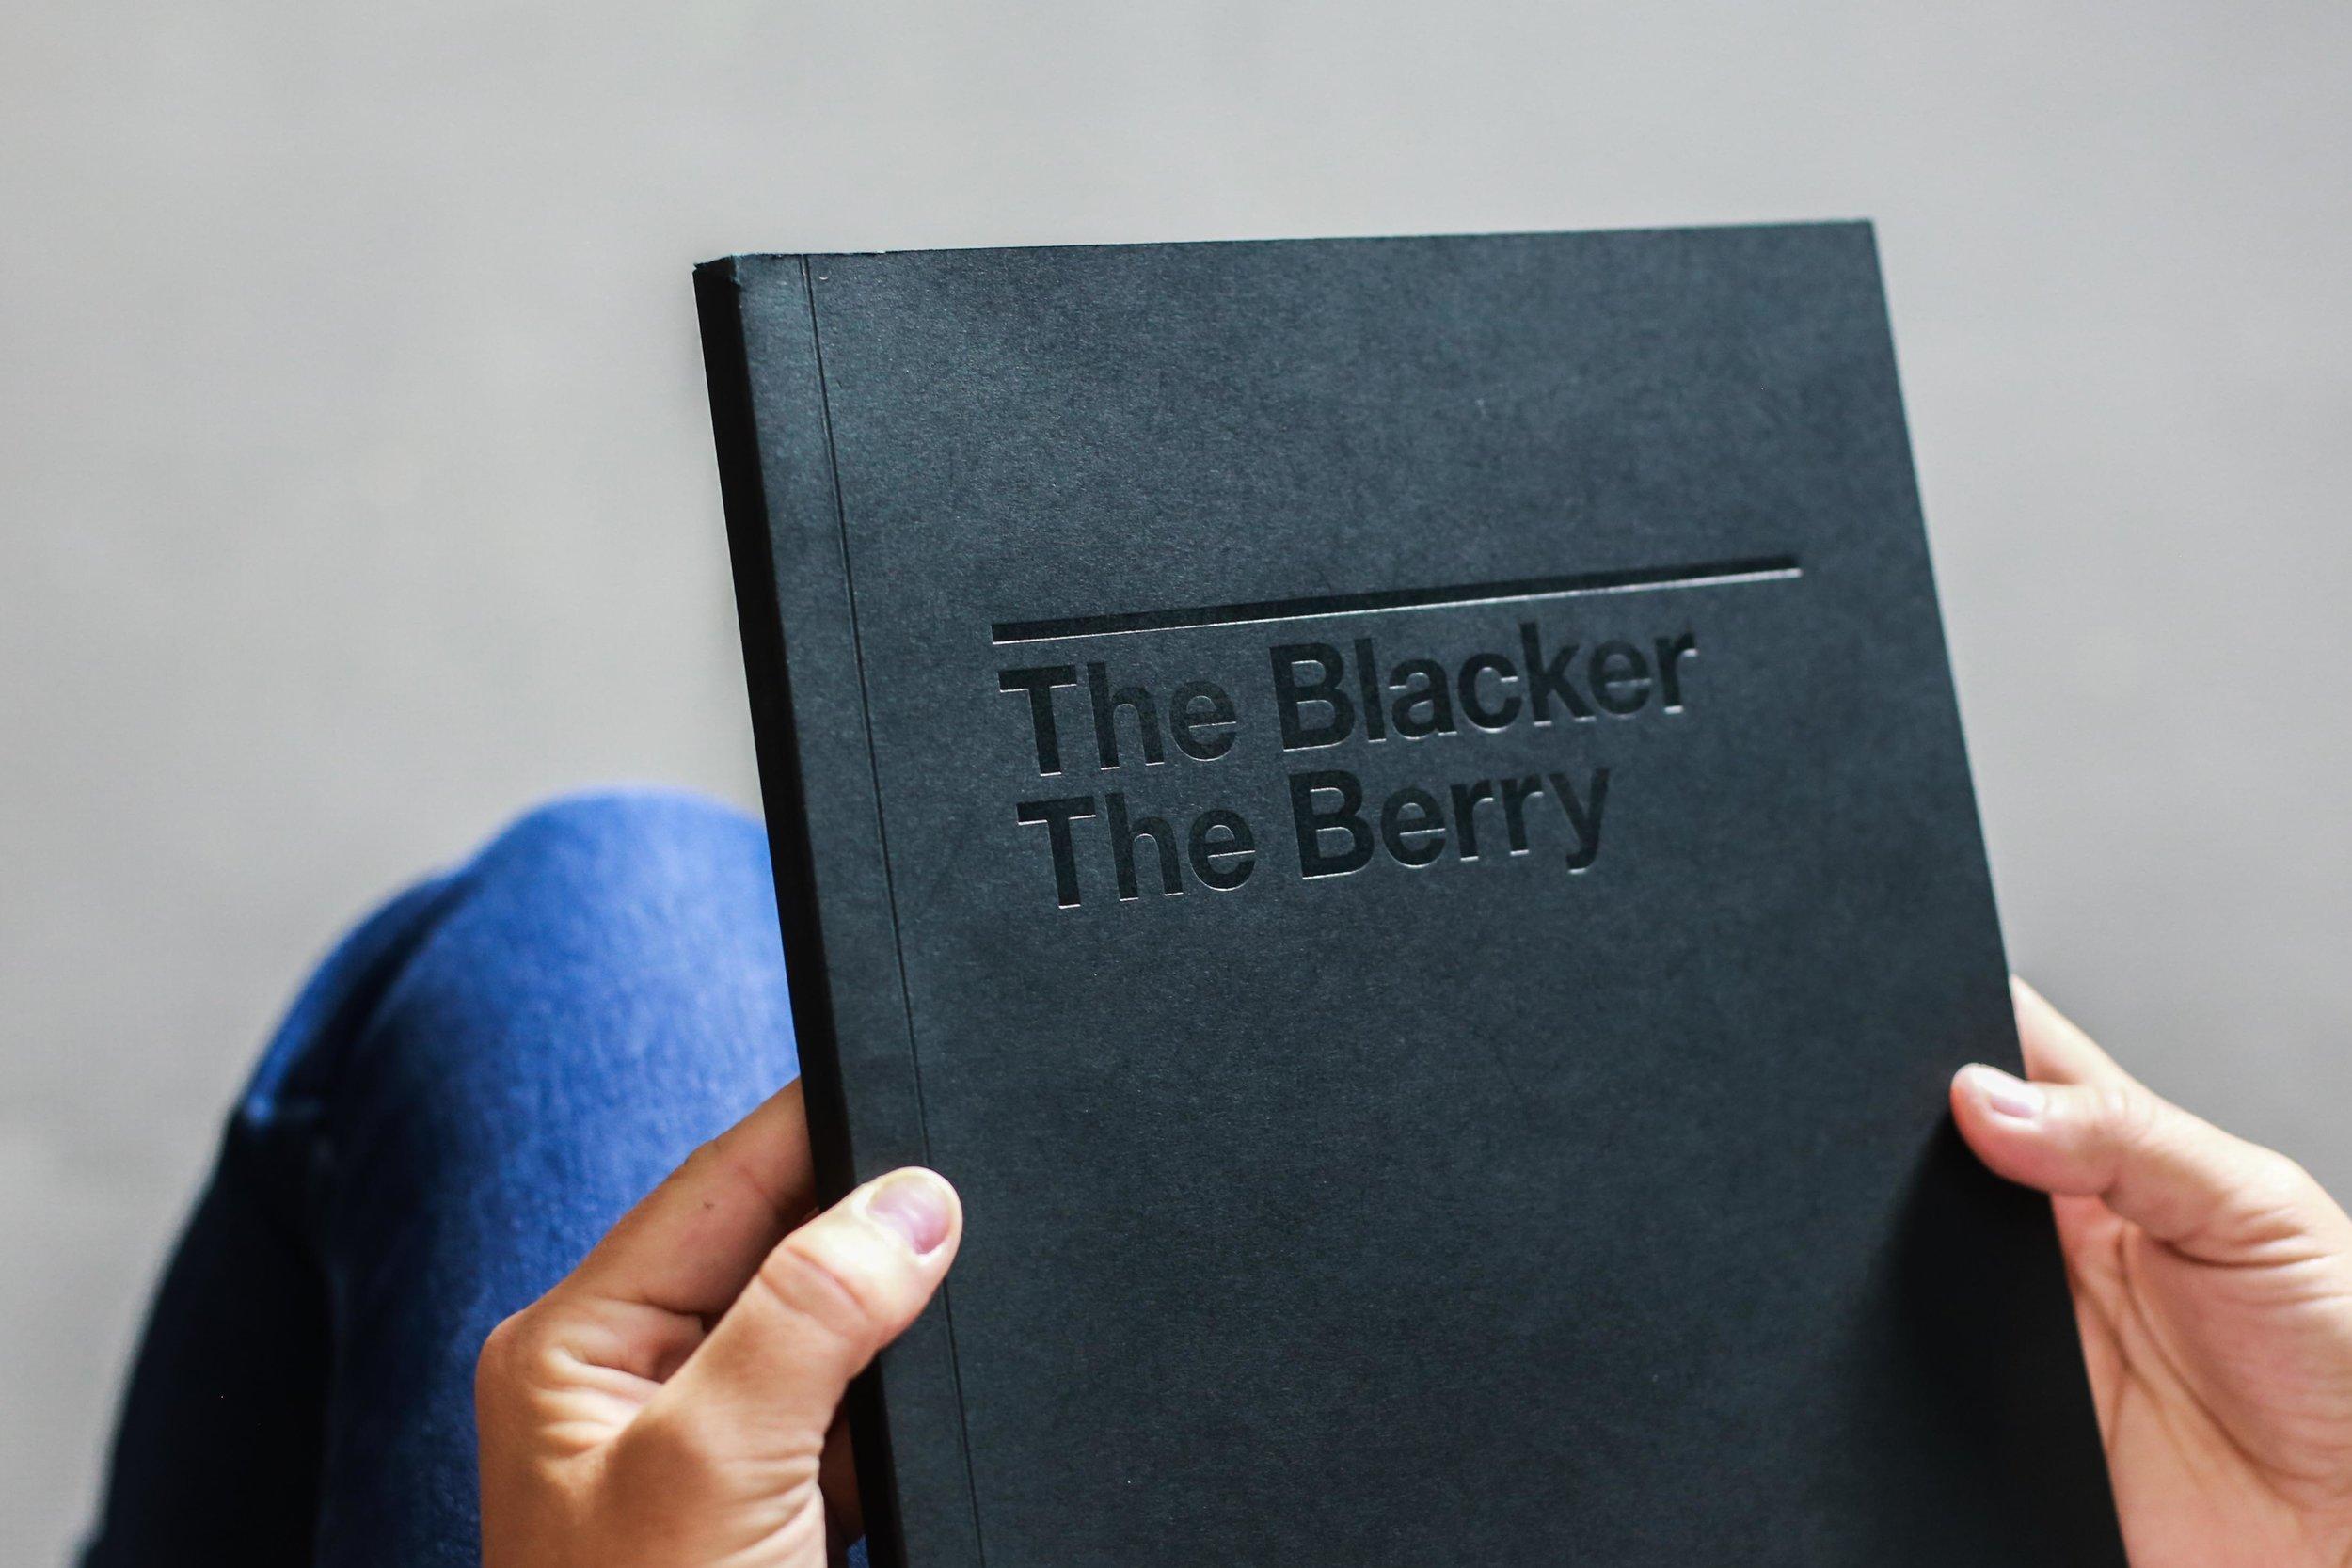 blacker_berry-book photo-21.jpg